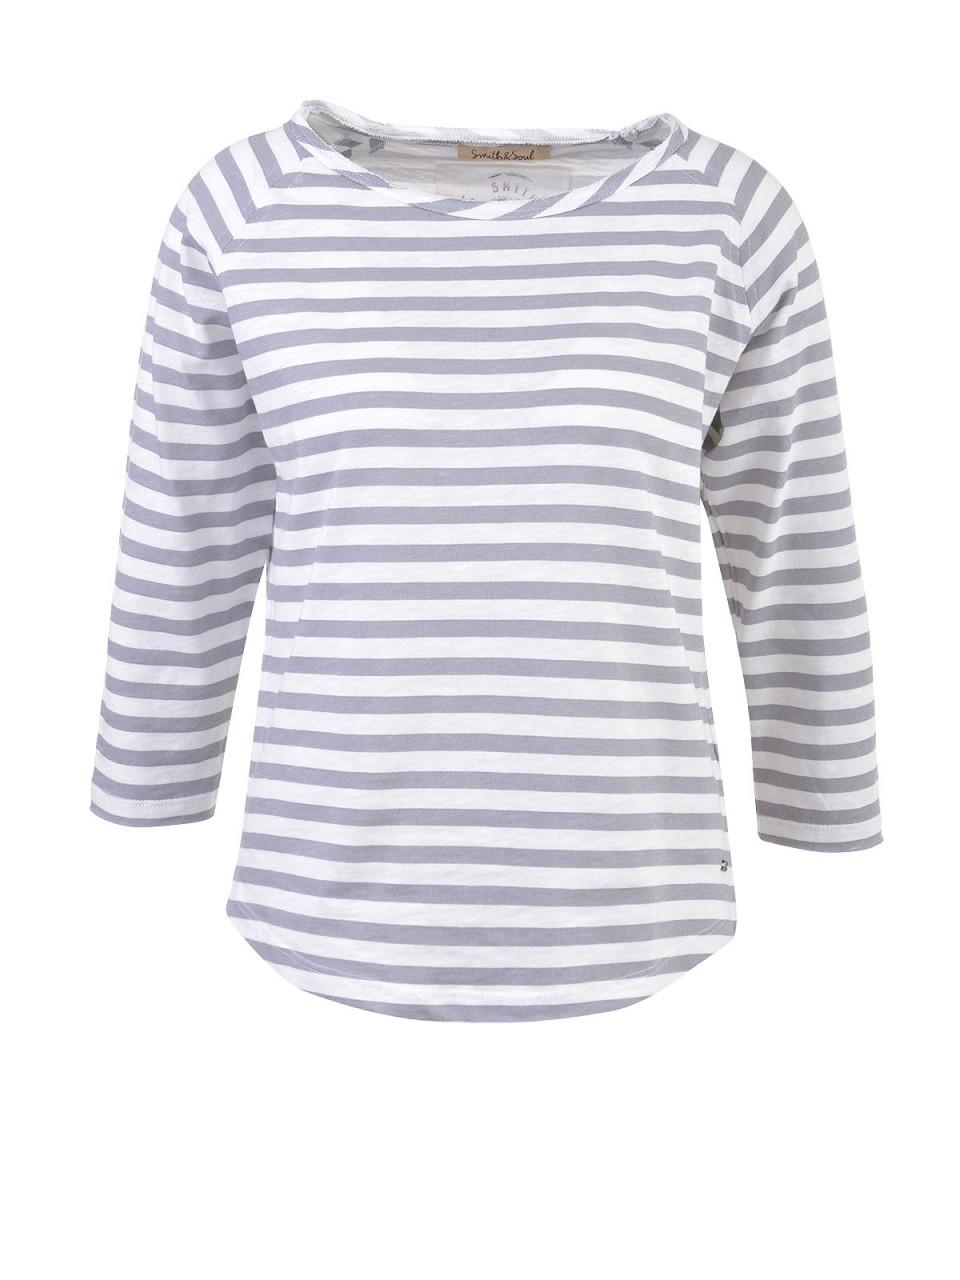 Oberteile - SMITH SOUL Damen Shirt, grau weiß  - Onlineshop Designermode.com